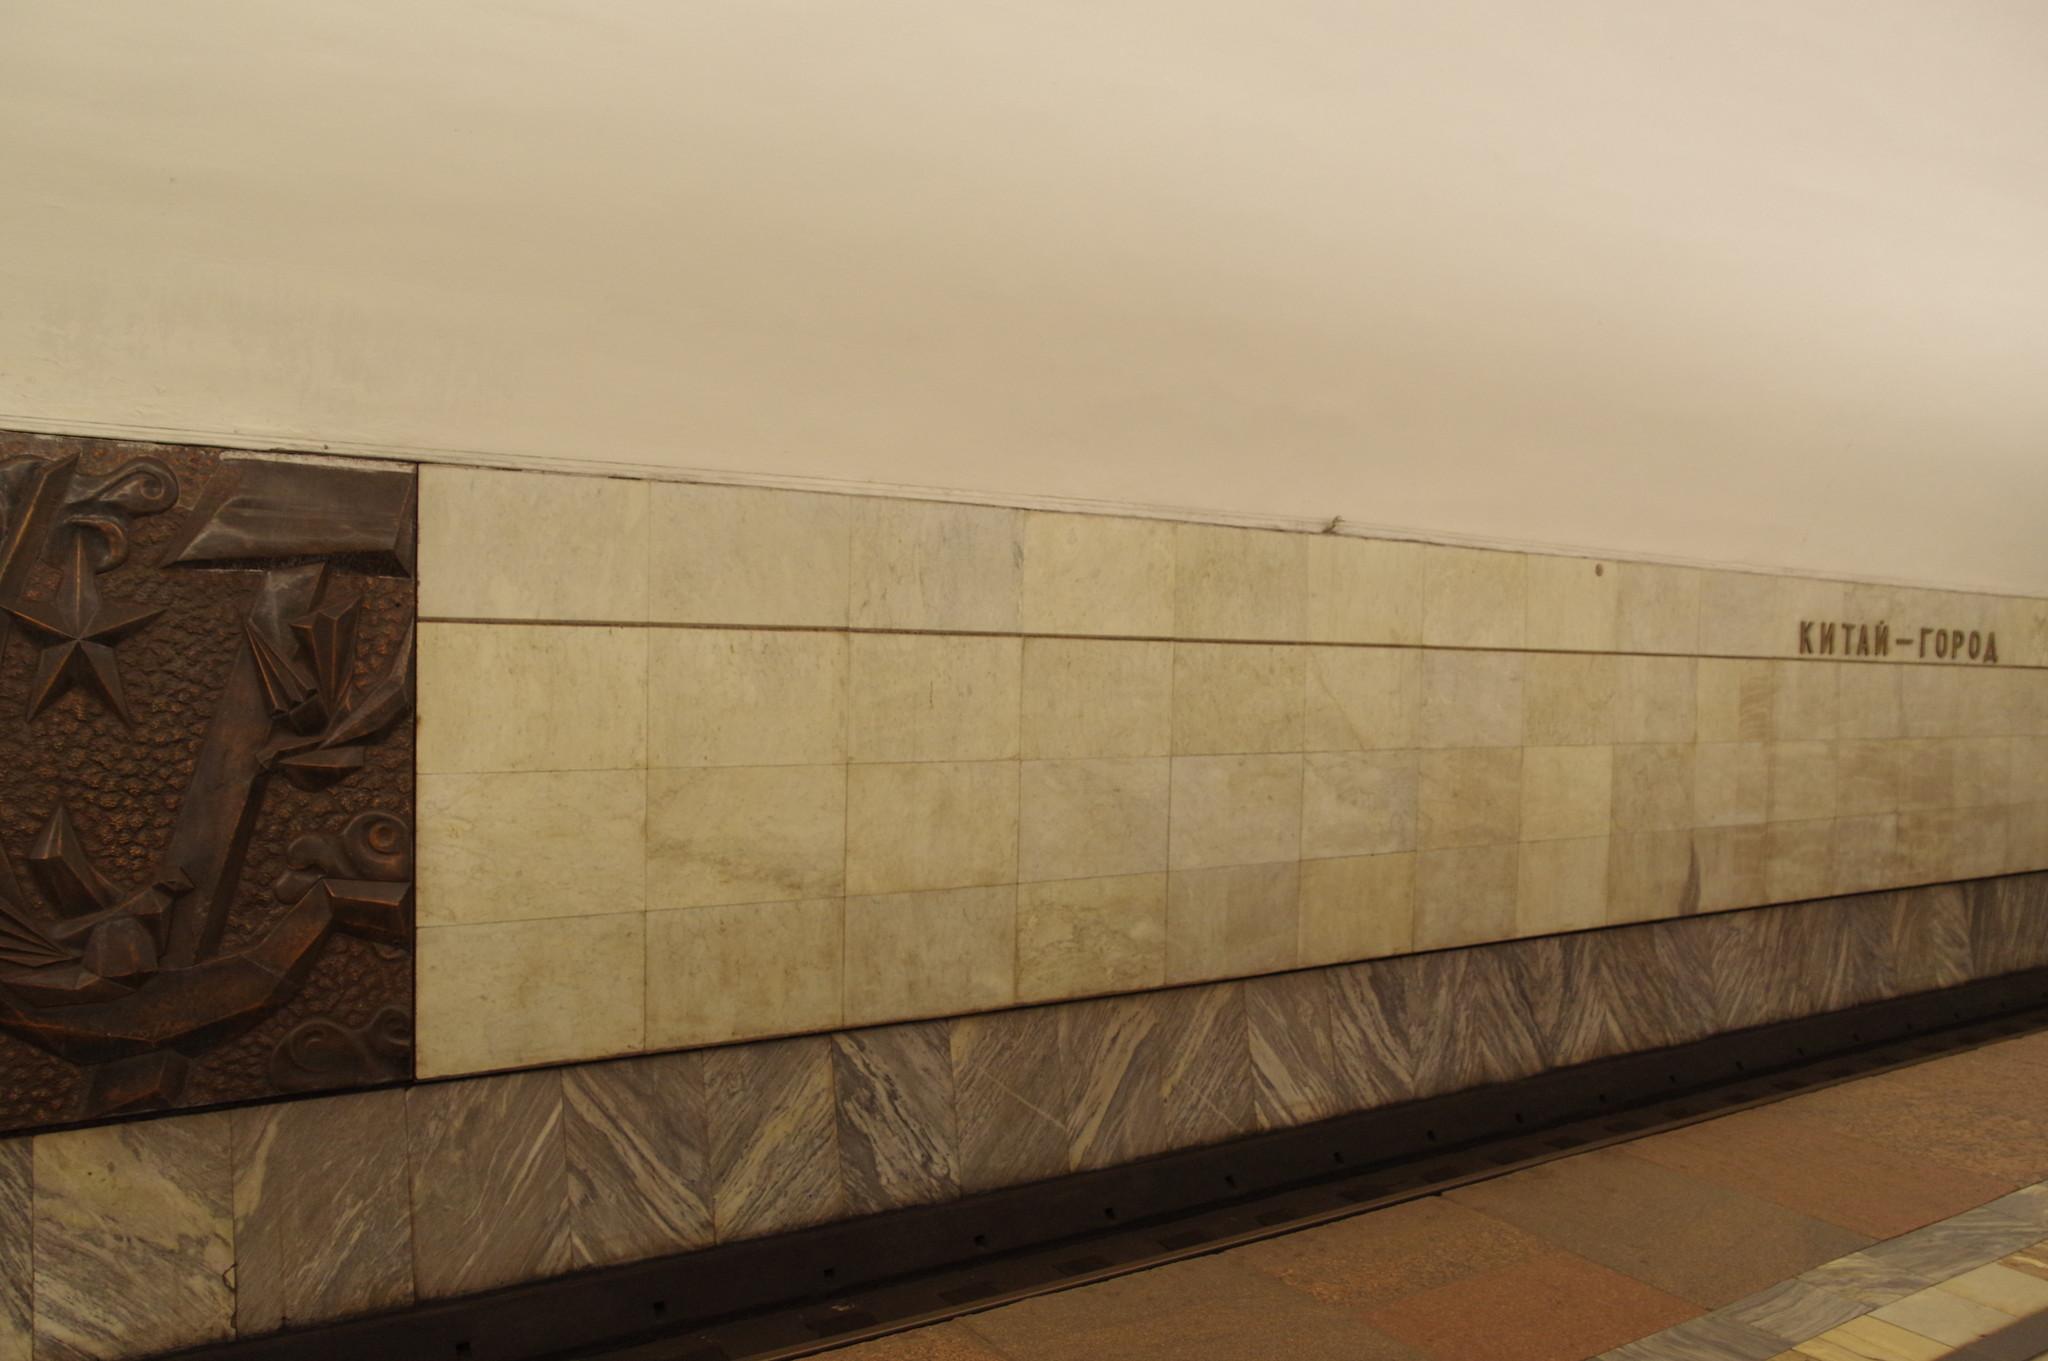 Станция «Китай-город» Московского метрополитена